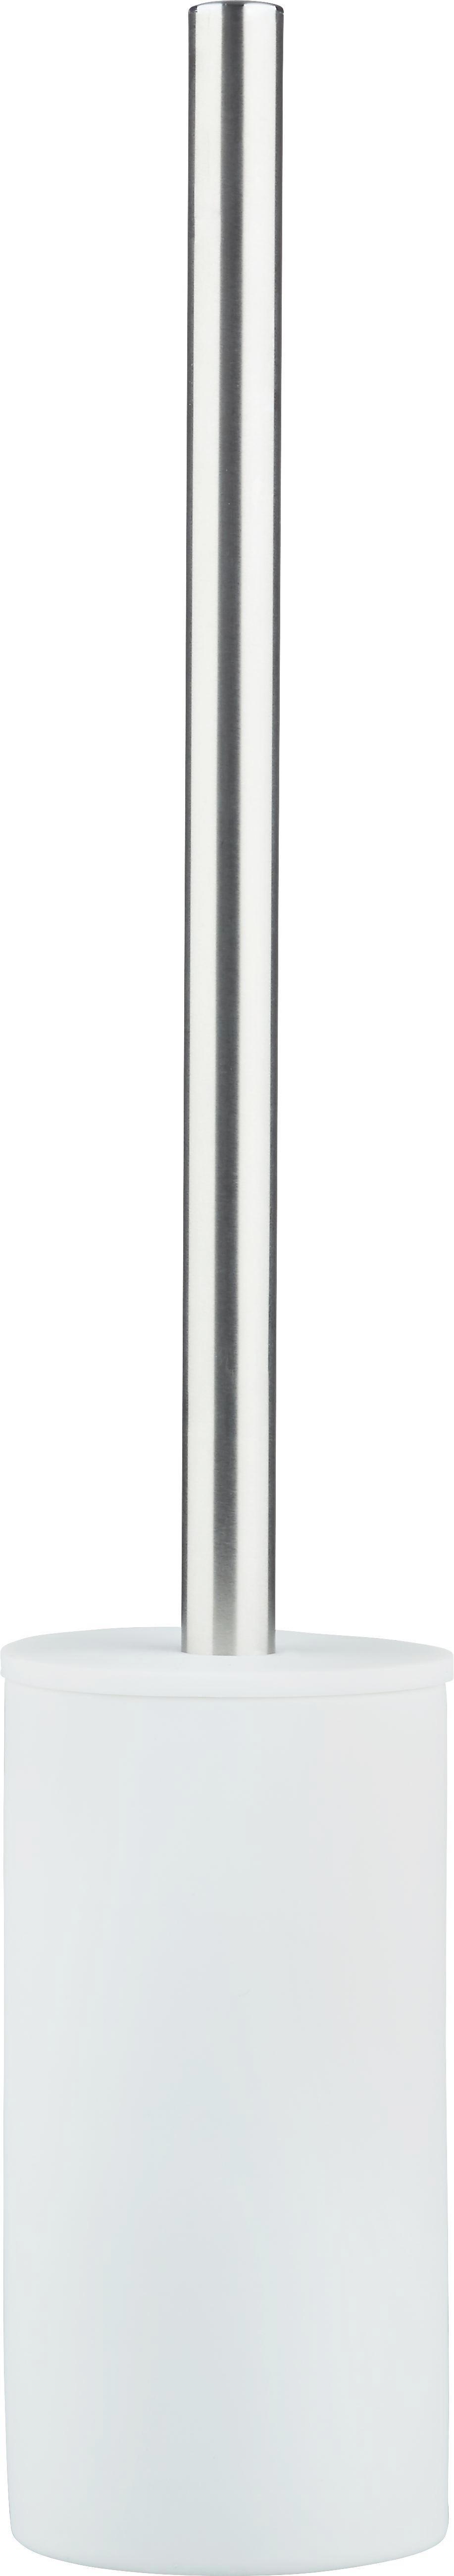 WC-Bürste Melanie in Weiß - Weiß, KONVENTIONELL, Kunststoff/Metall (8/45cm) - MÖMAX modern living